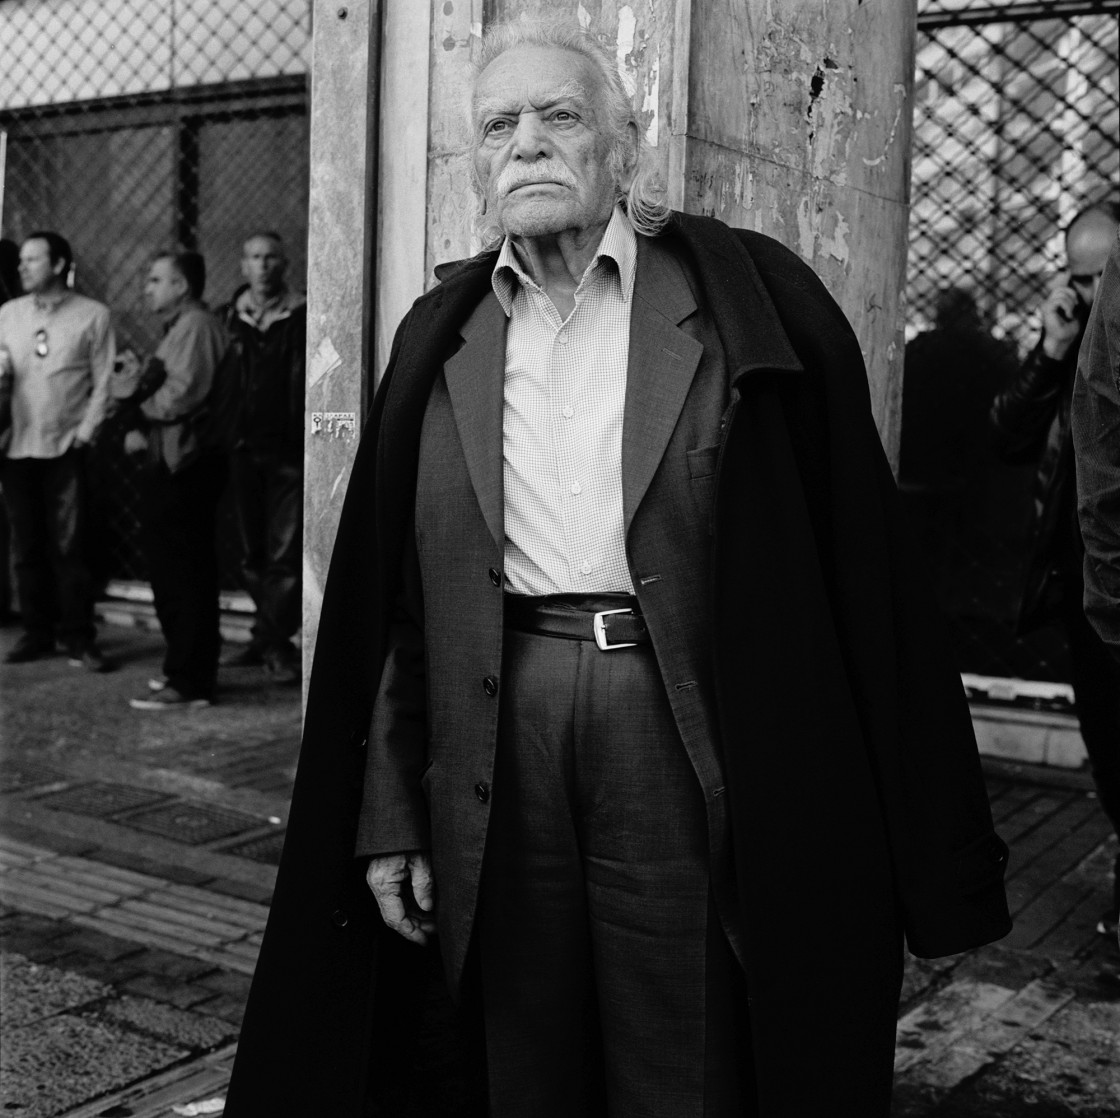 Βραβεία και τιμές απόλαυσε πολλές, τόσο στην Ελλάδα όσο και διεθνώς, μολονότι ποτέ δεν επιδίωξε καμία διάκριση, ούτε και την «εξαργύρωσε». Φωτο: Σπύρος Στάβερης/LiFO